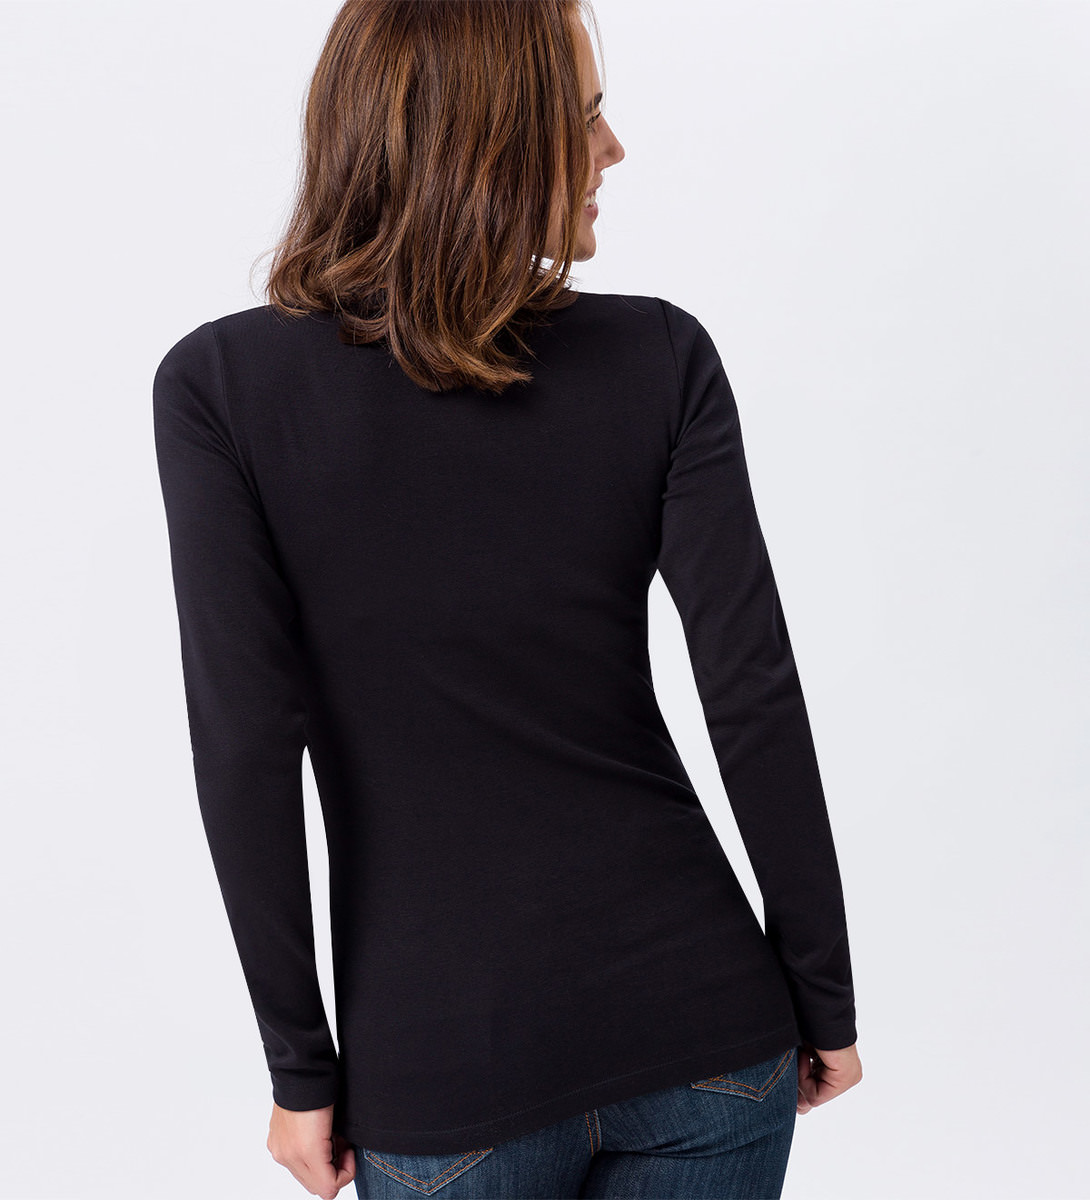 Langarmshirt mit Rundhalsausschnitt in black